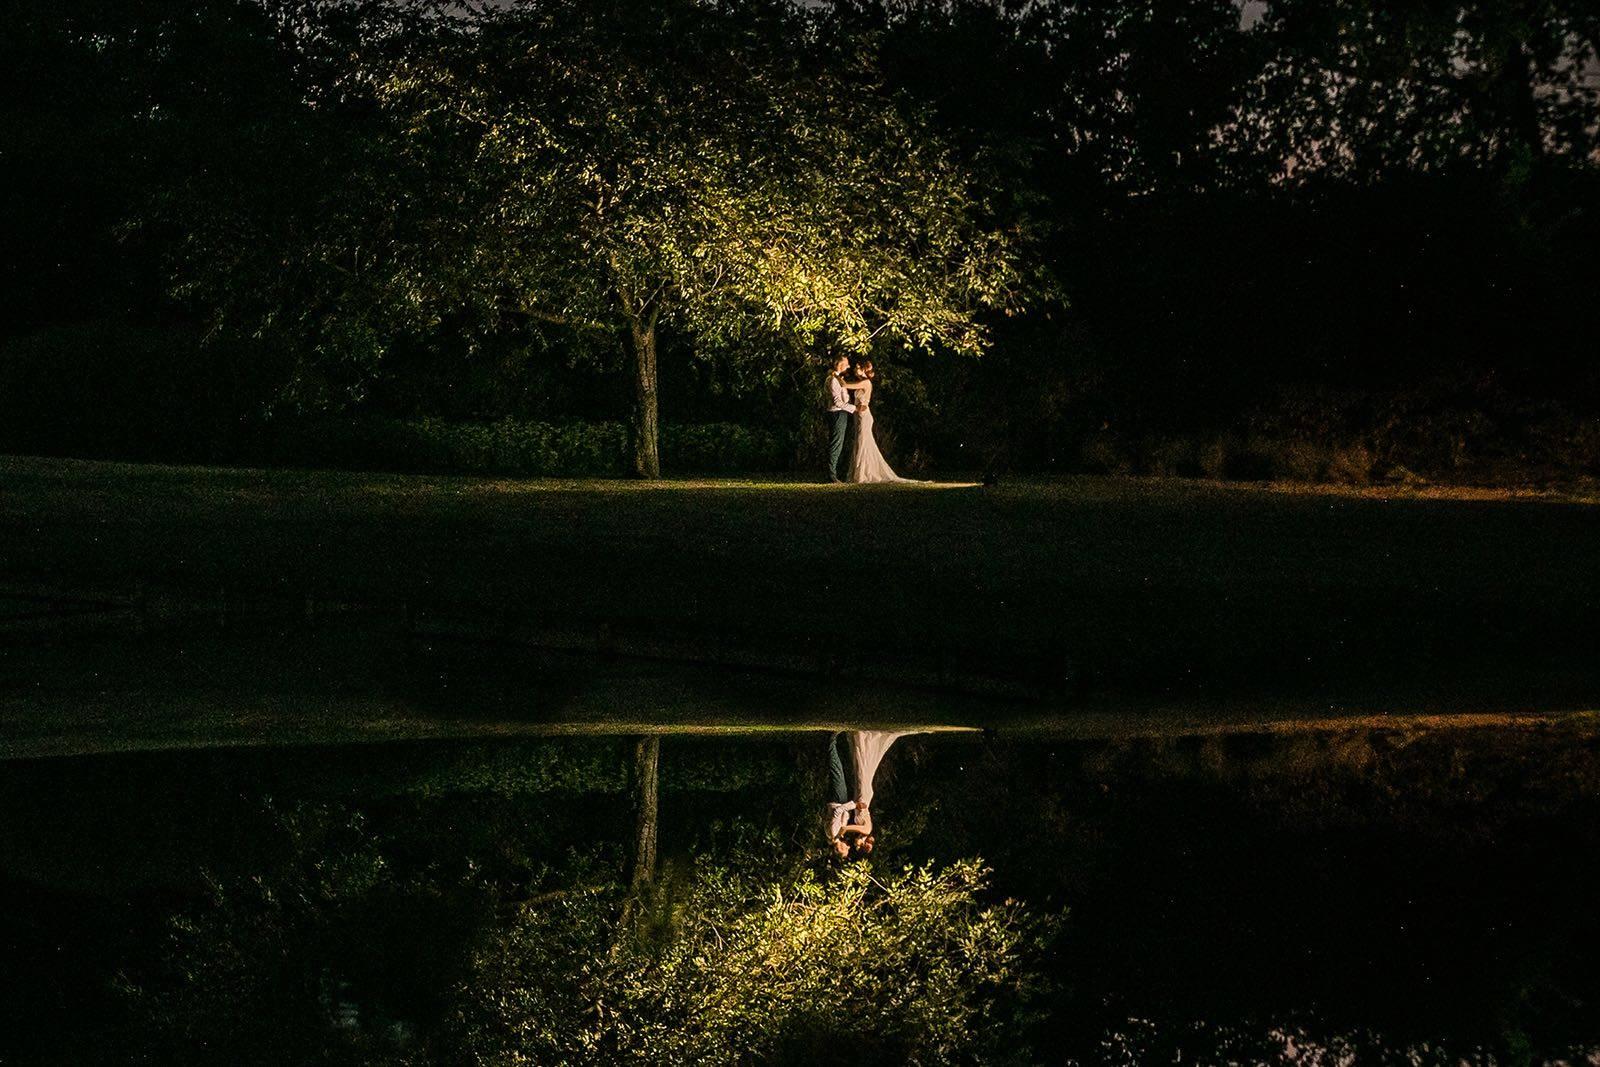 Wondermooi - Trouwfotograaf - Huwelijksfotograaf - Fotograaf - House of Weddings - 21